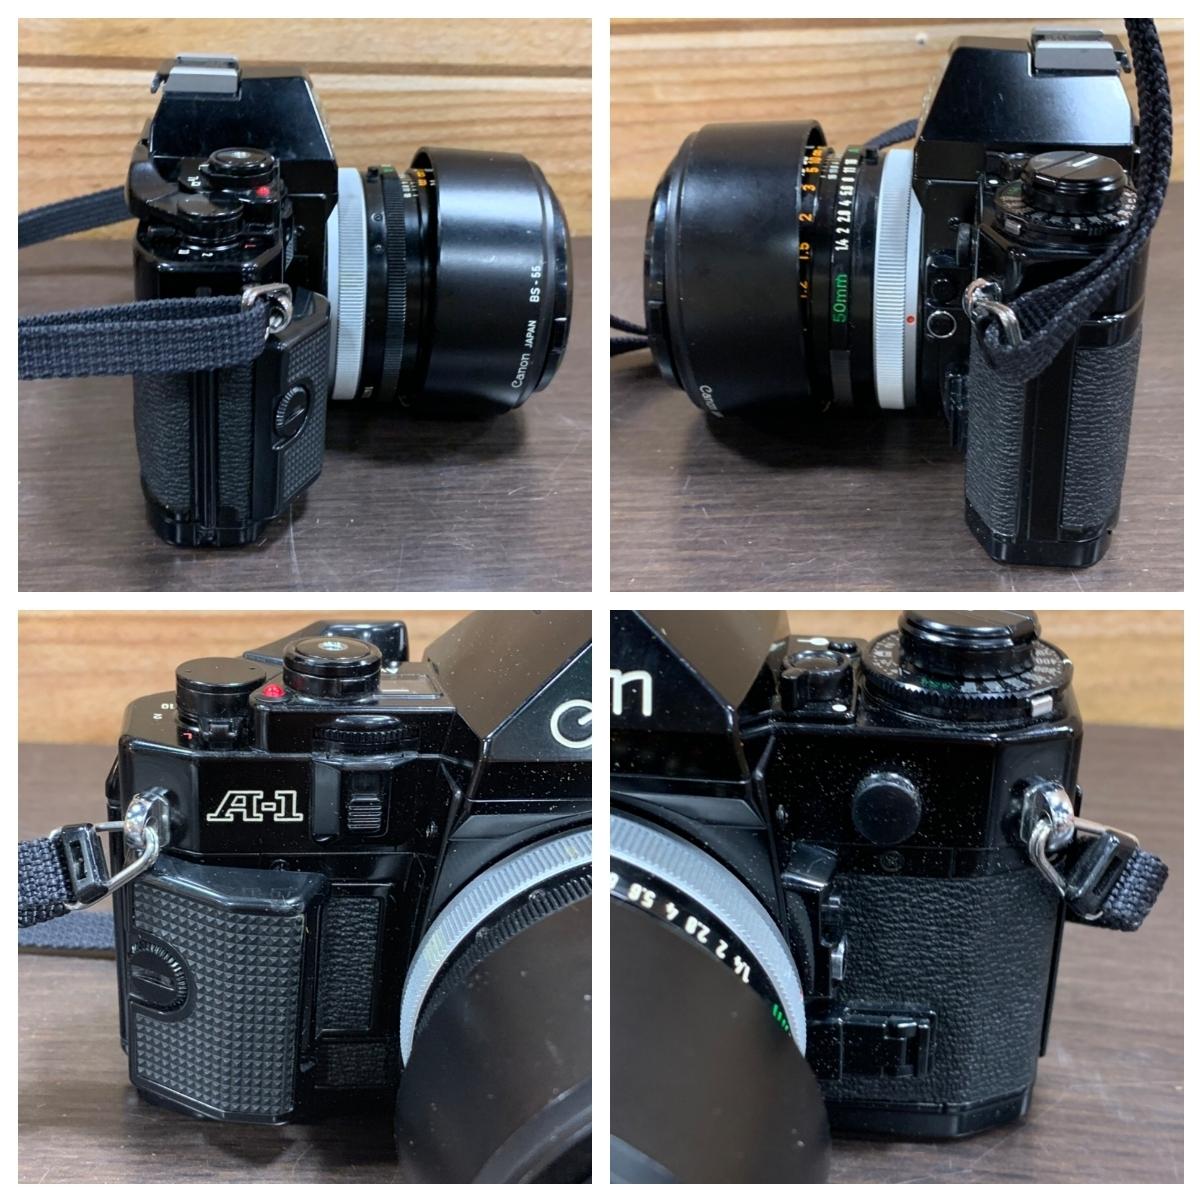 △Canon キャノン A-1 カメラ+FD 50mm 1:1.4+Tokina 80-200mm 1:4 レンズ(KS3-225)_画像5